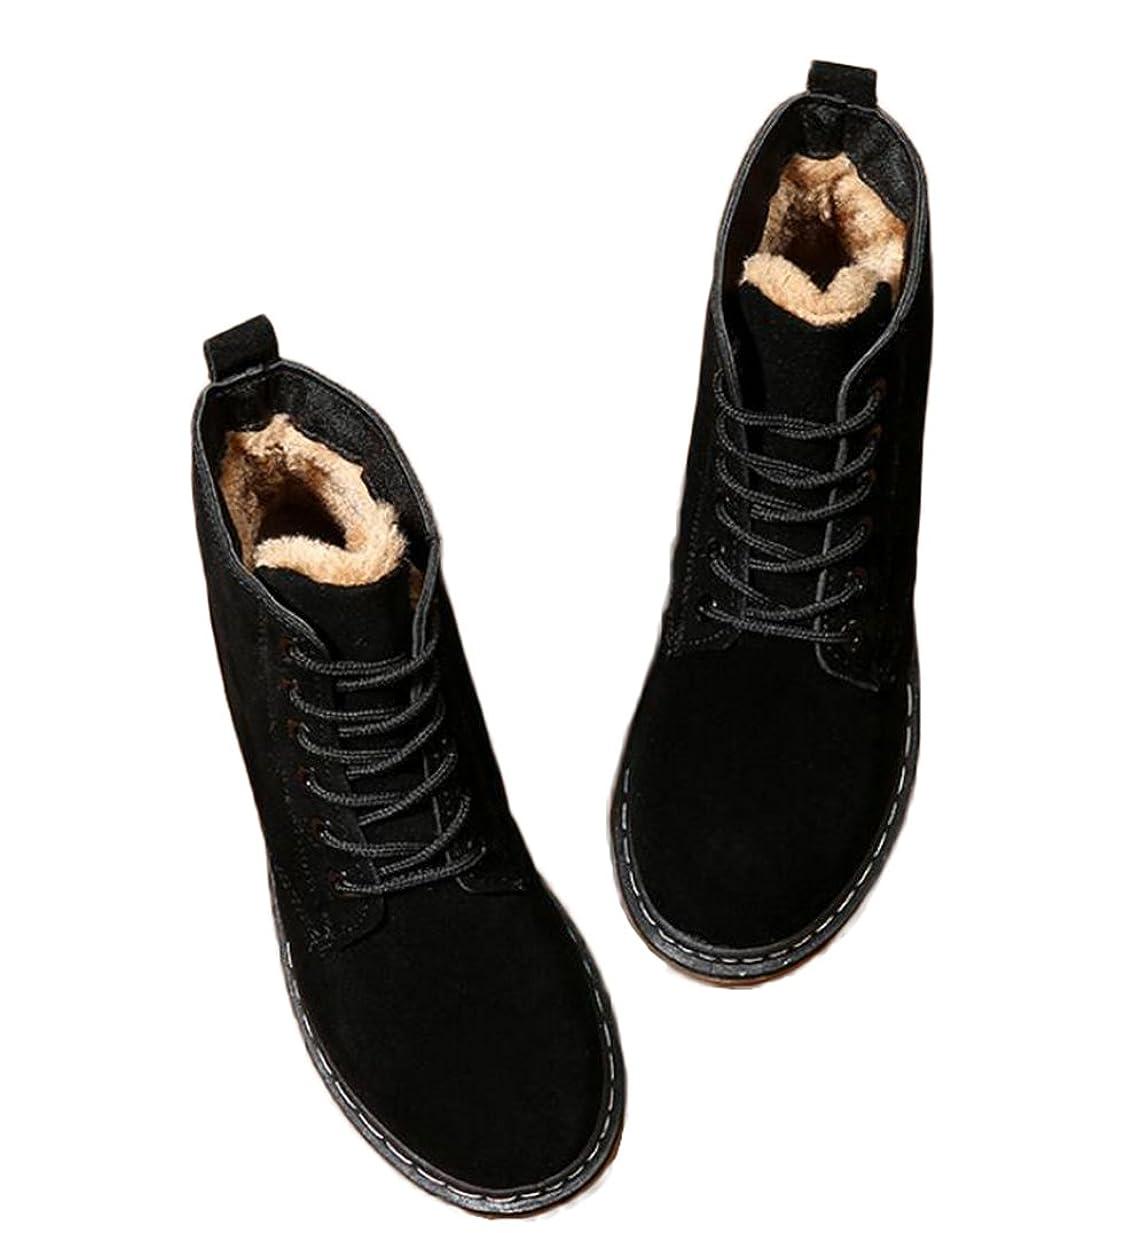 場所驚いた流行している[チェリーレッド] レディーズ 冬用ブーツ 防寒 ブーツスニーカー キャンバススニーカー 裏起毛